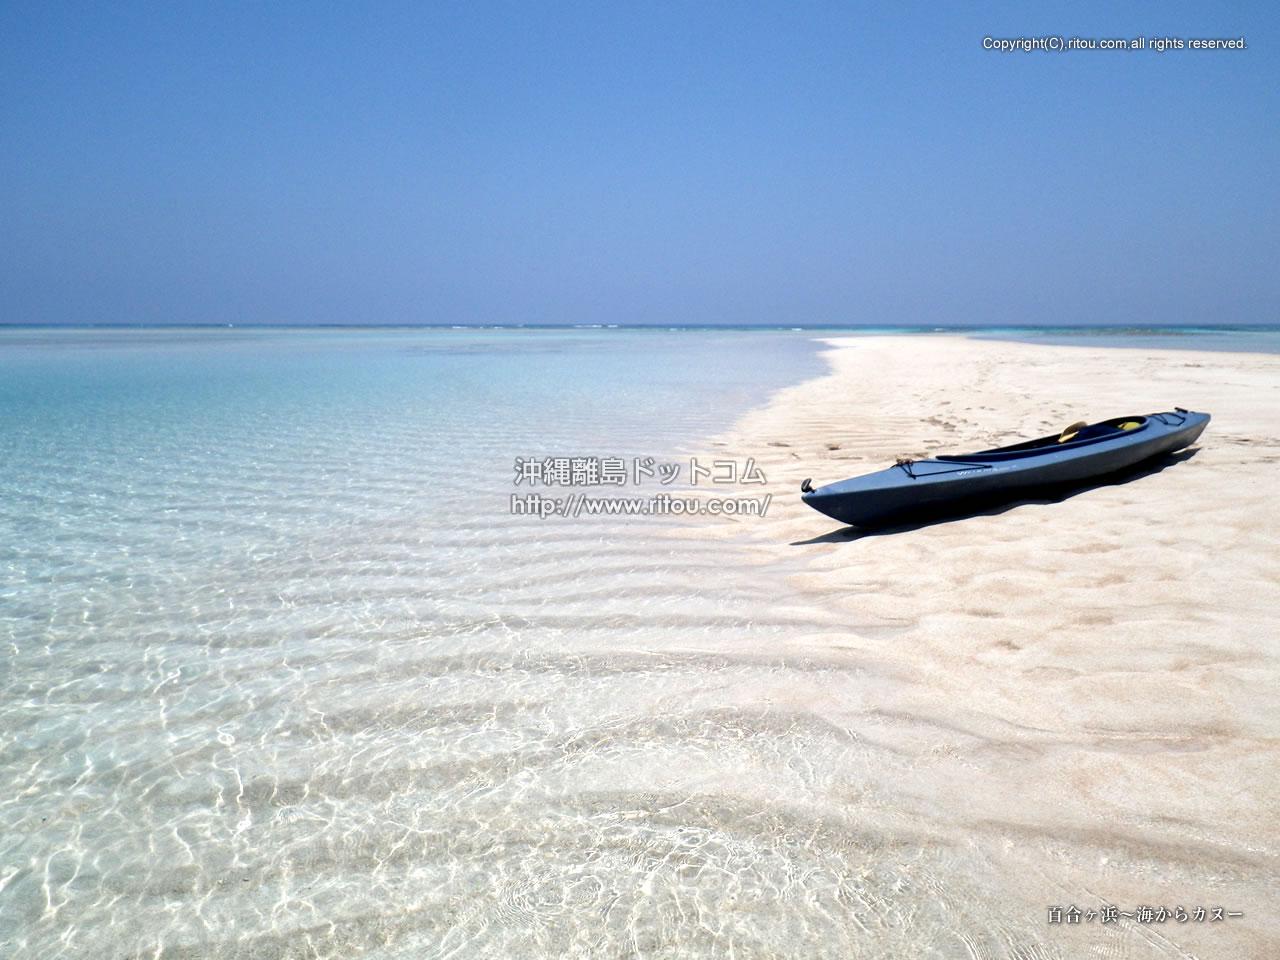 百合ヶ浜〜海からカヌー